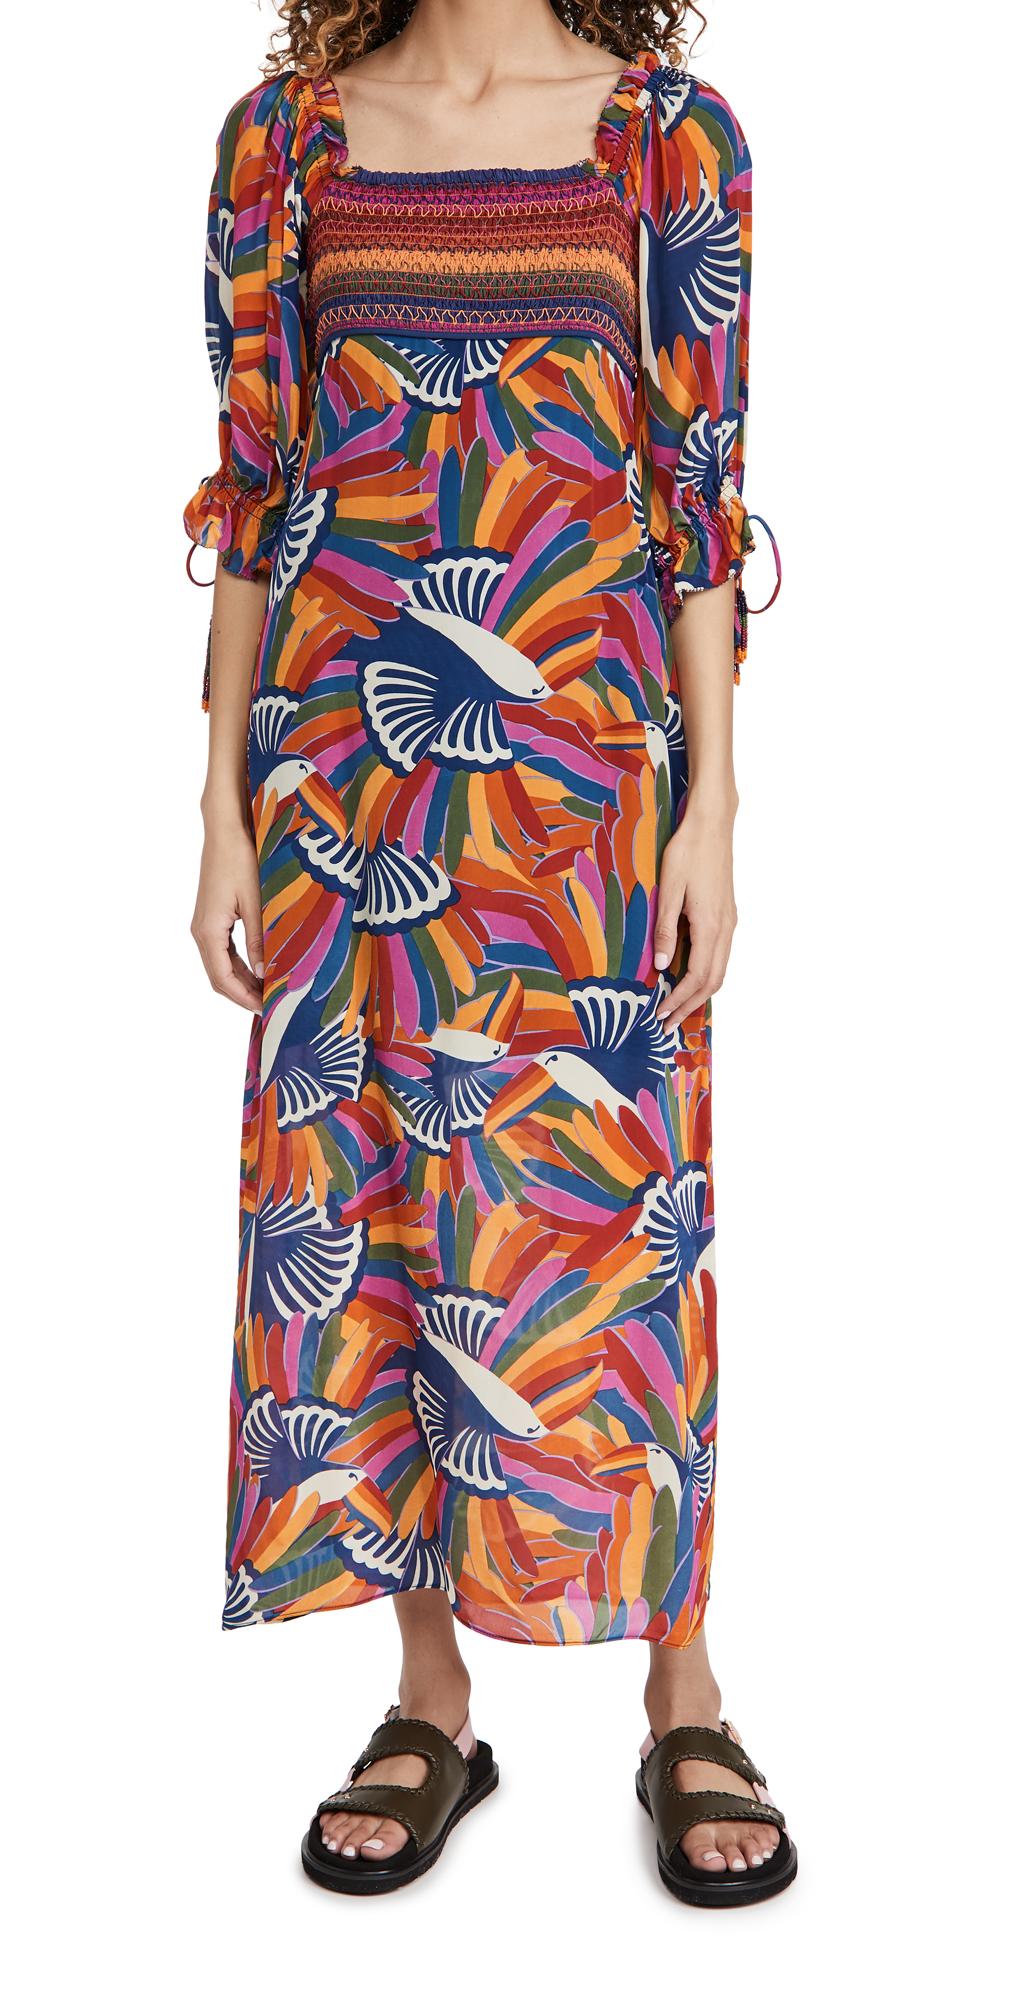 FARM Rio Rainbow Toucans Smocked Maxi Dress